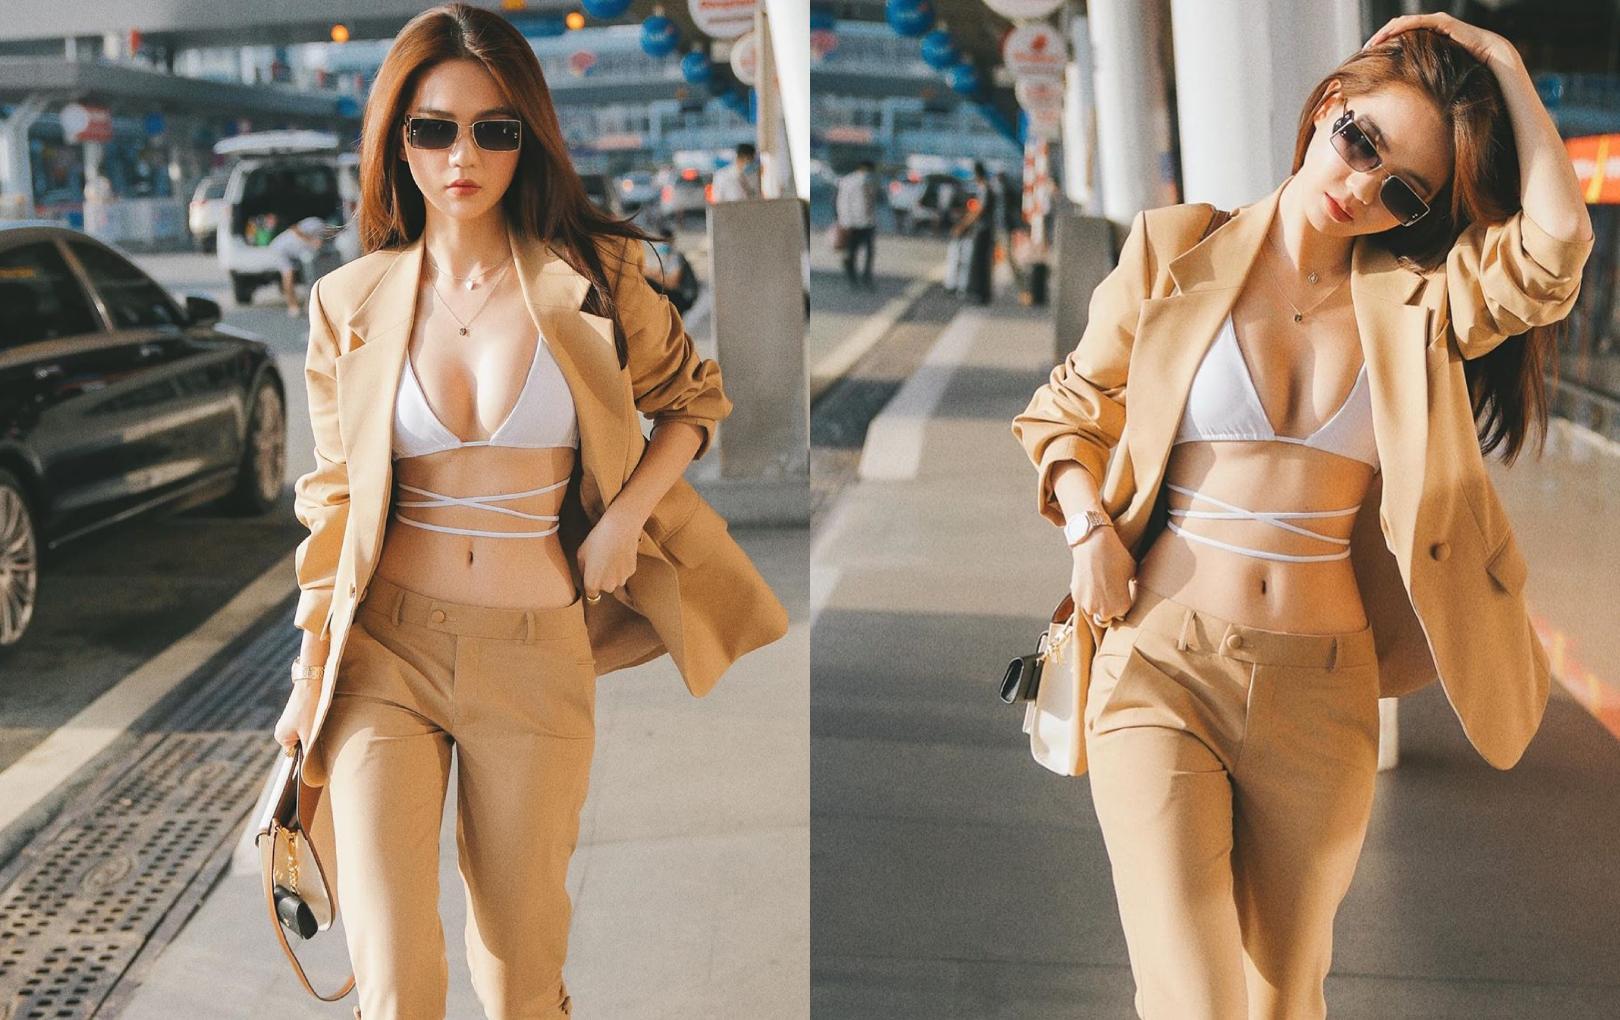 """Ngọc Trinh chơi lớn diện bikini ra sân bay, khoe vòng 1 táo bạo khiến dân tình """"nóng mắt"""""""